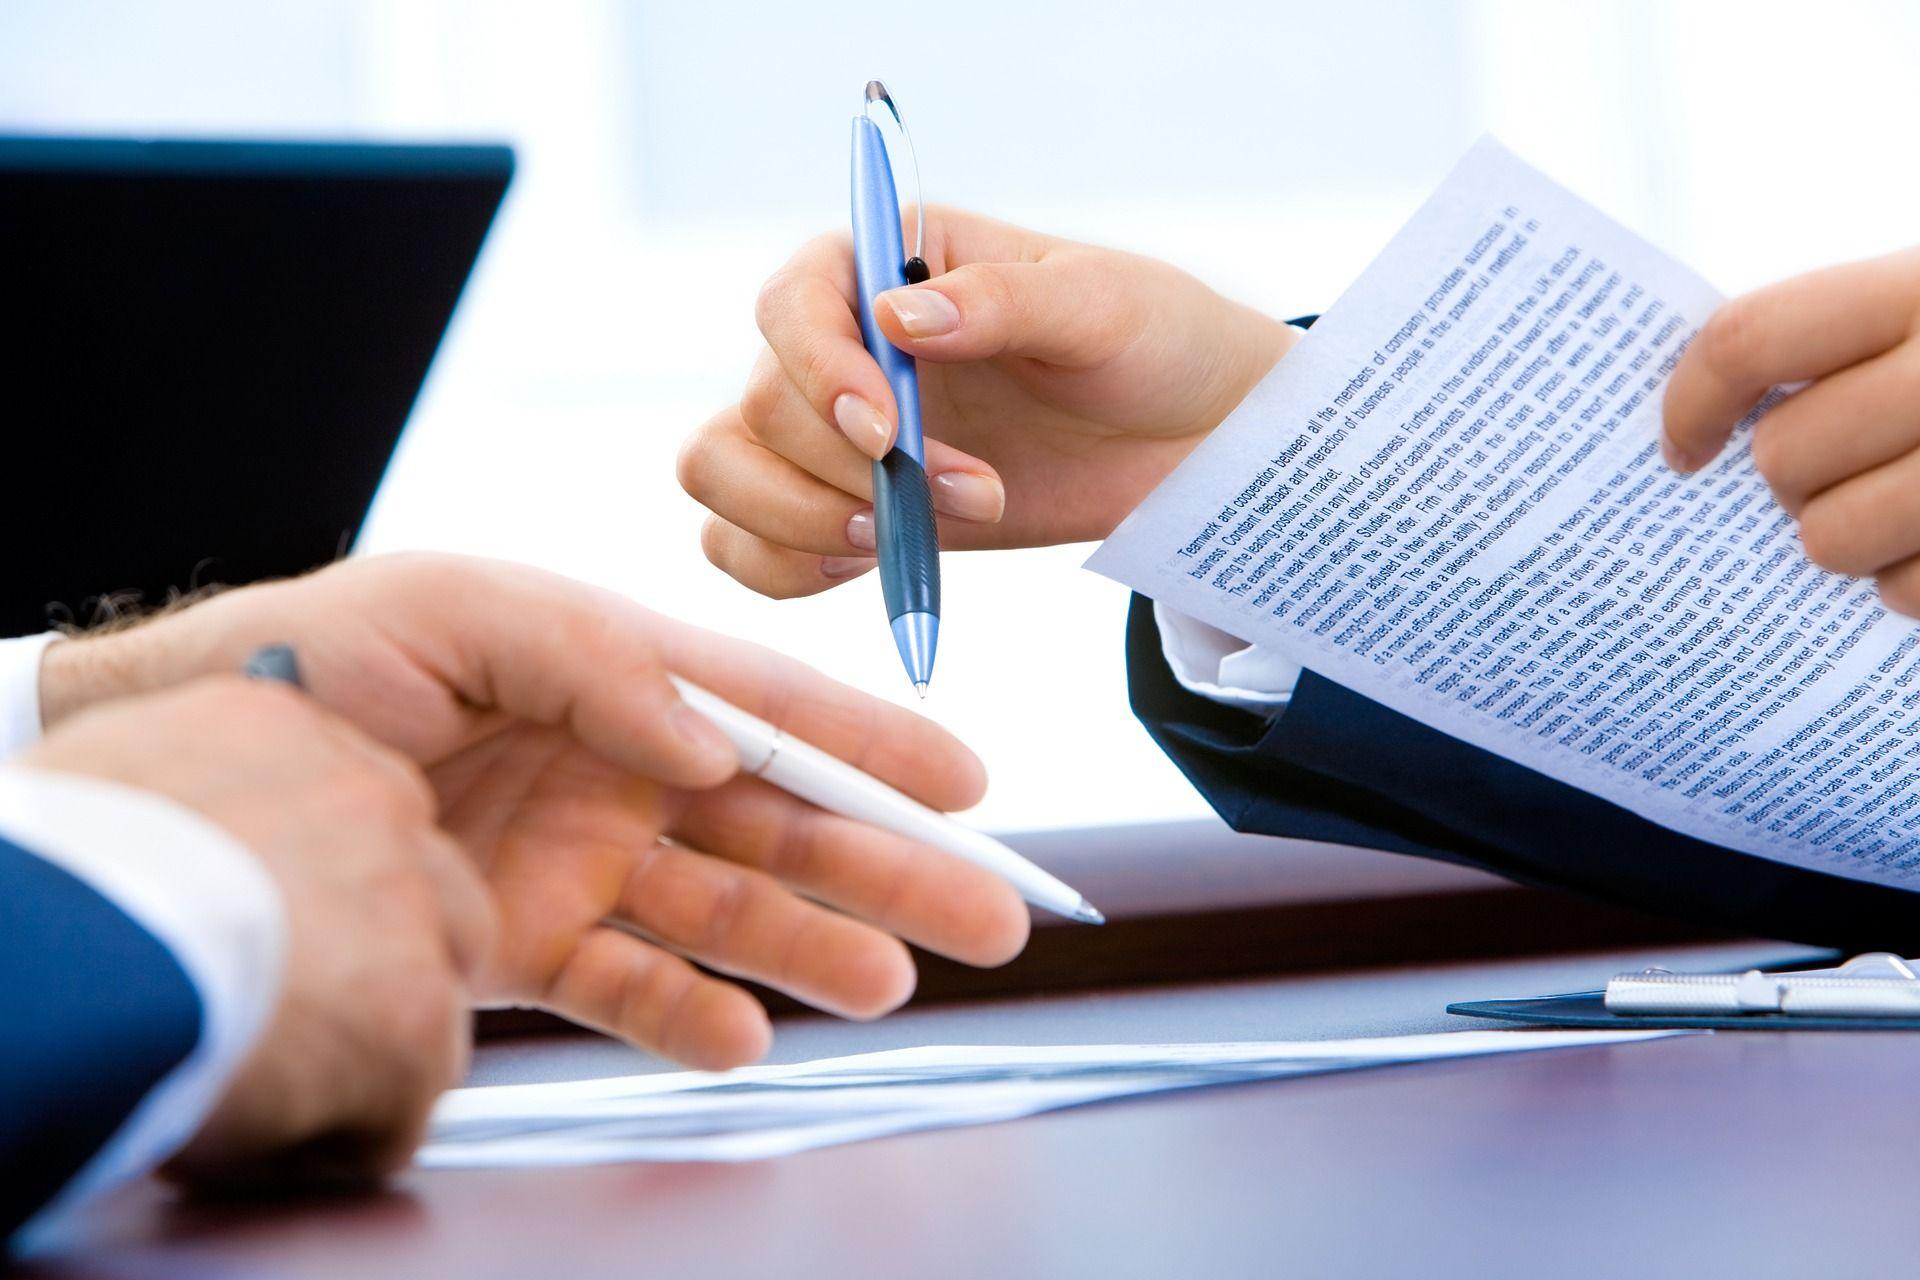 Image représentant des mains tenant des stylos et feuilles